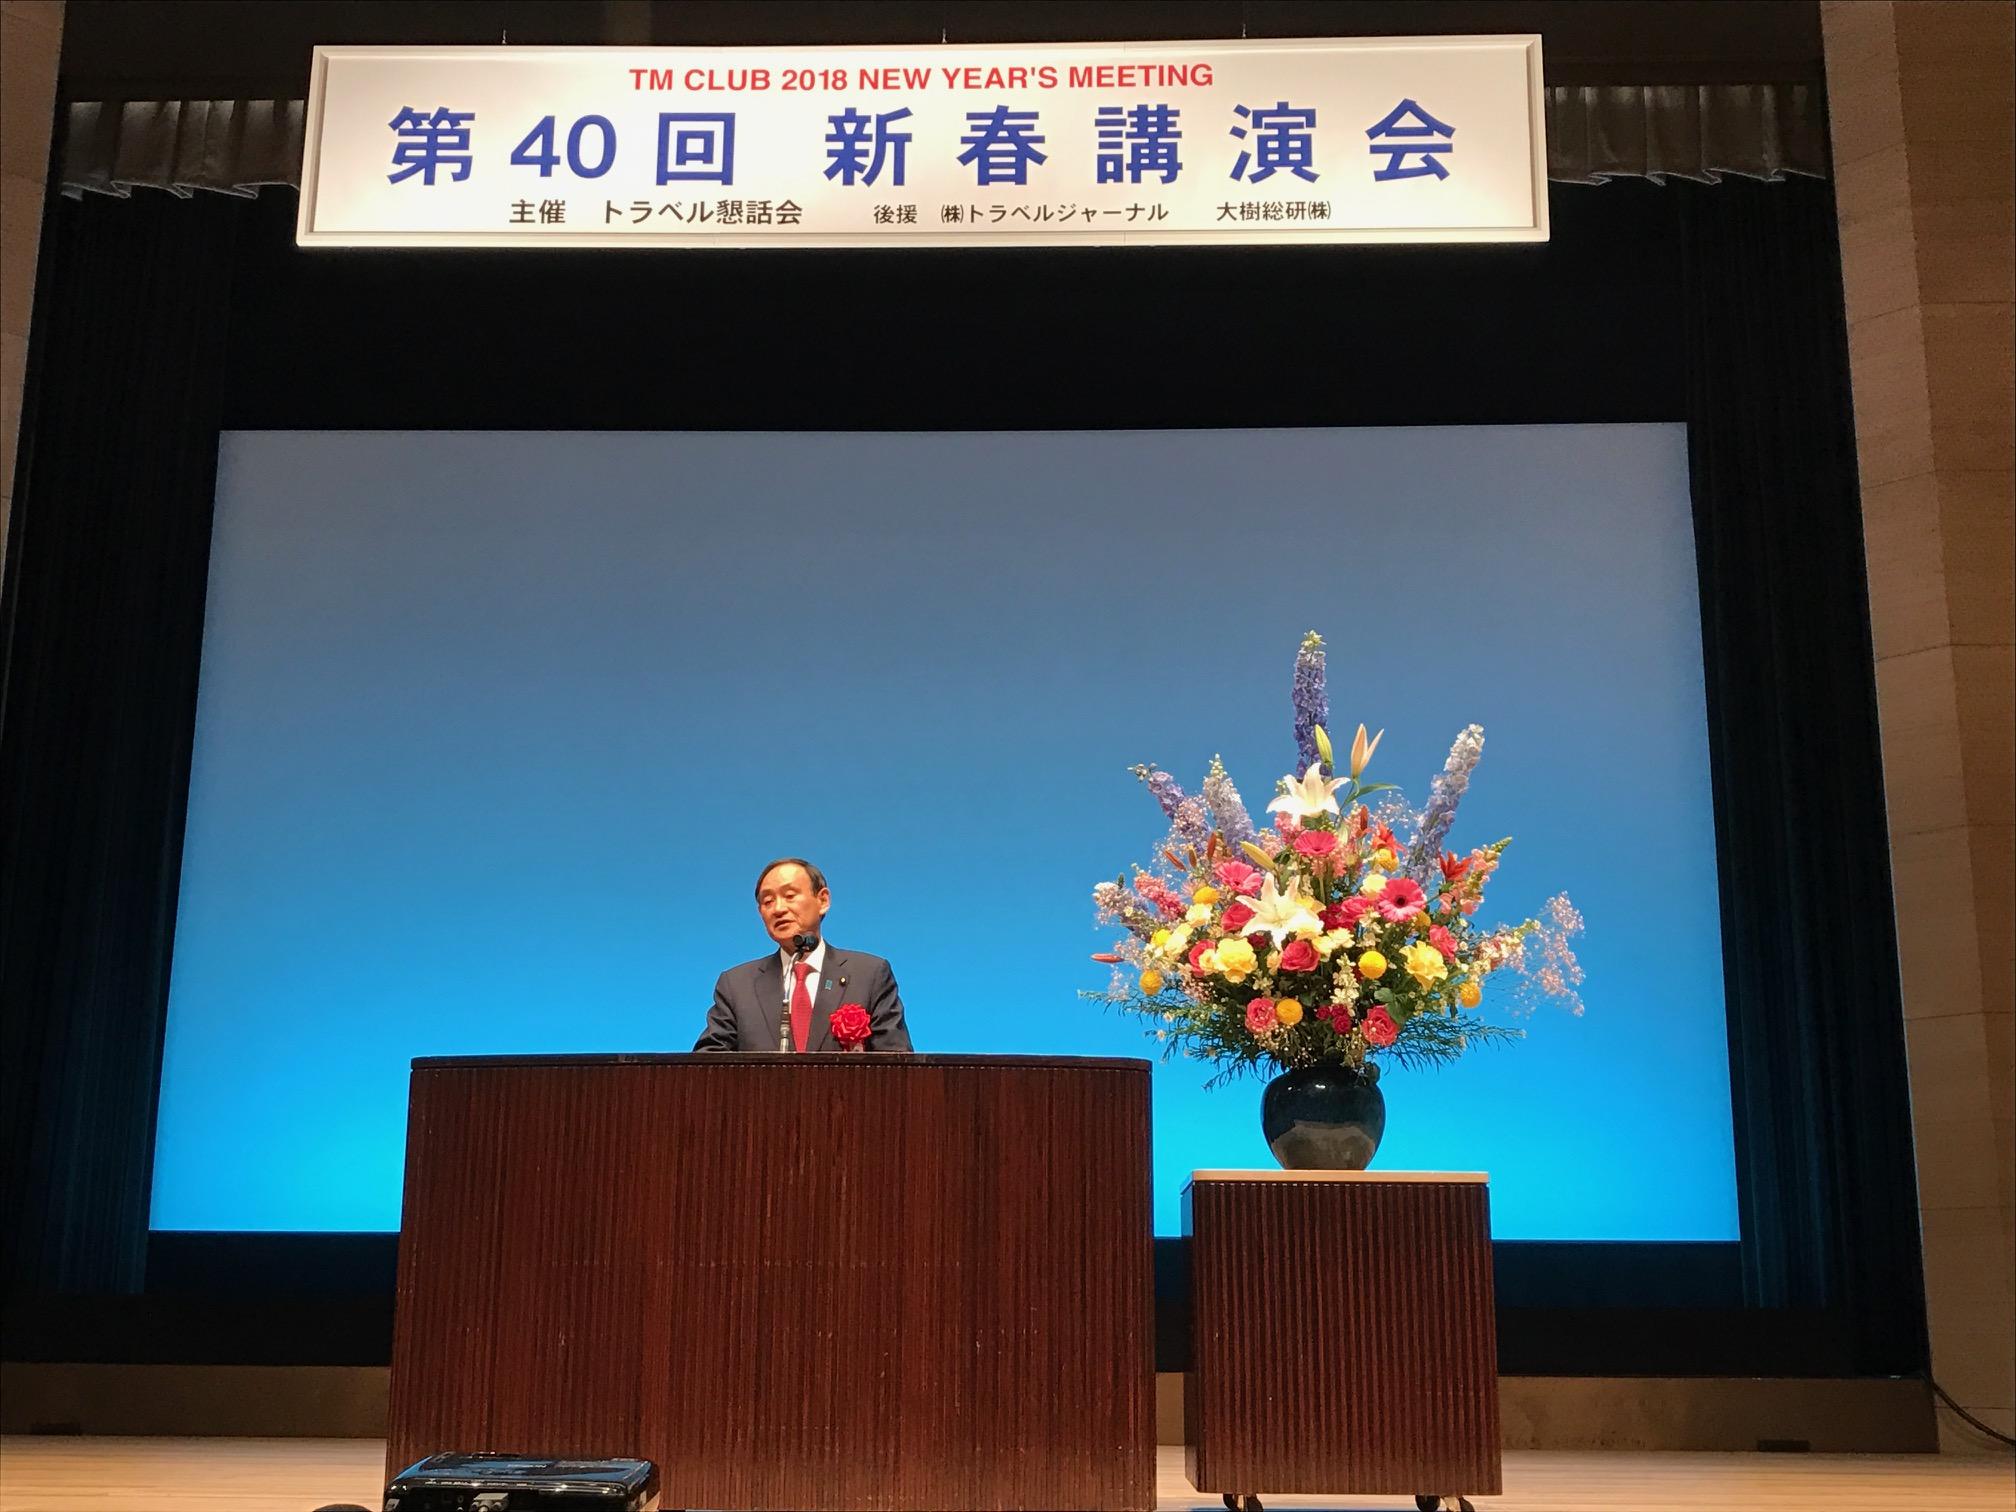 菅官房長官「インバウンド4000万人は射程に入った」、旅行業界の新春イベントで講演、観光政策の成果に自信 ートラベル懇話会